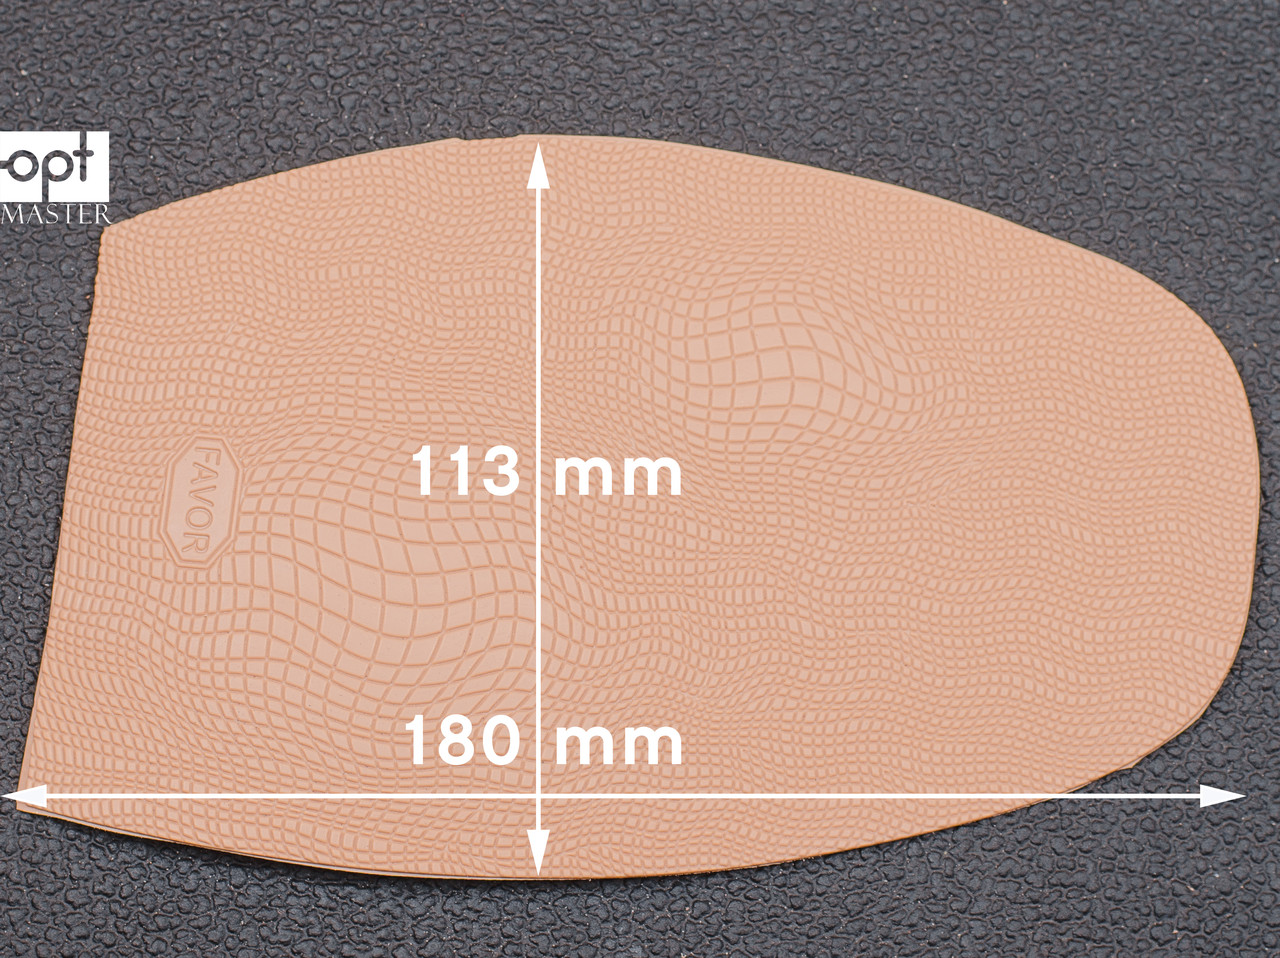 Профилактика формованная FAVOR-рептилия, т. 1.5 мм, р. средний, цв. бежевый (10)